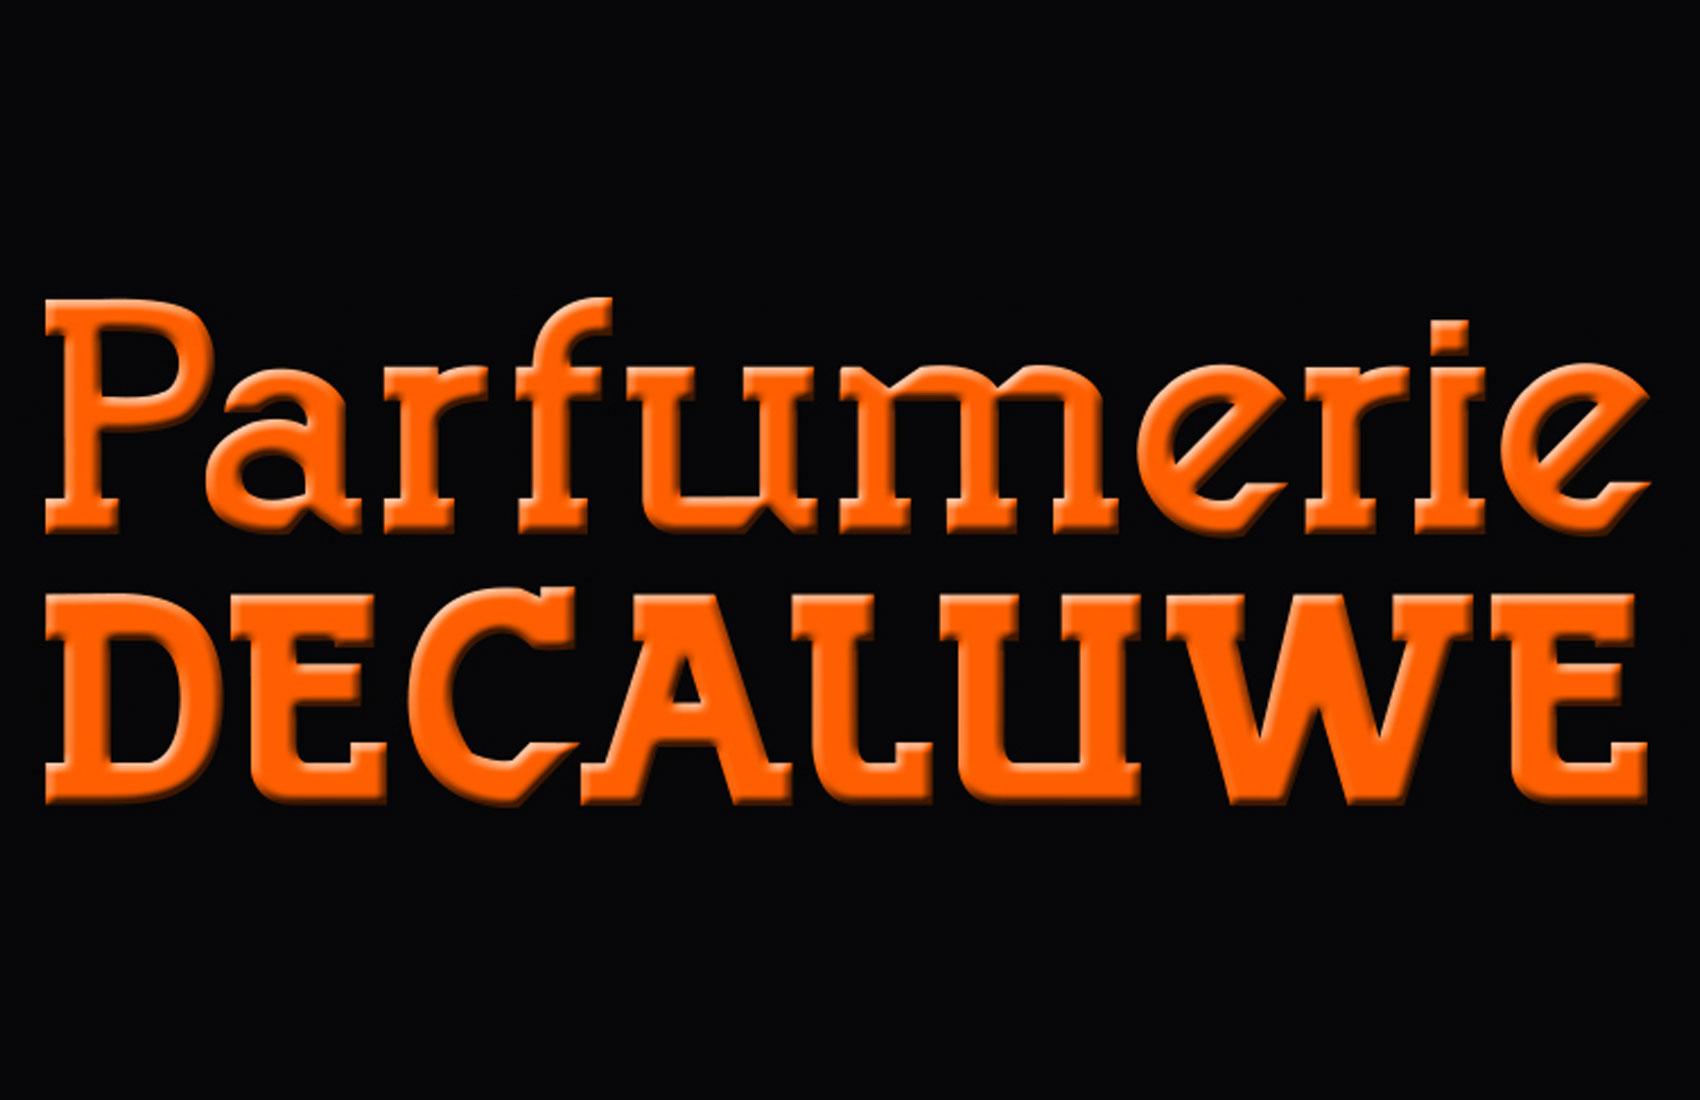 Parfumerie Decaluwe